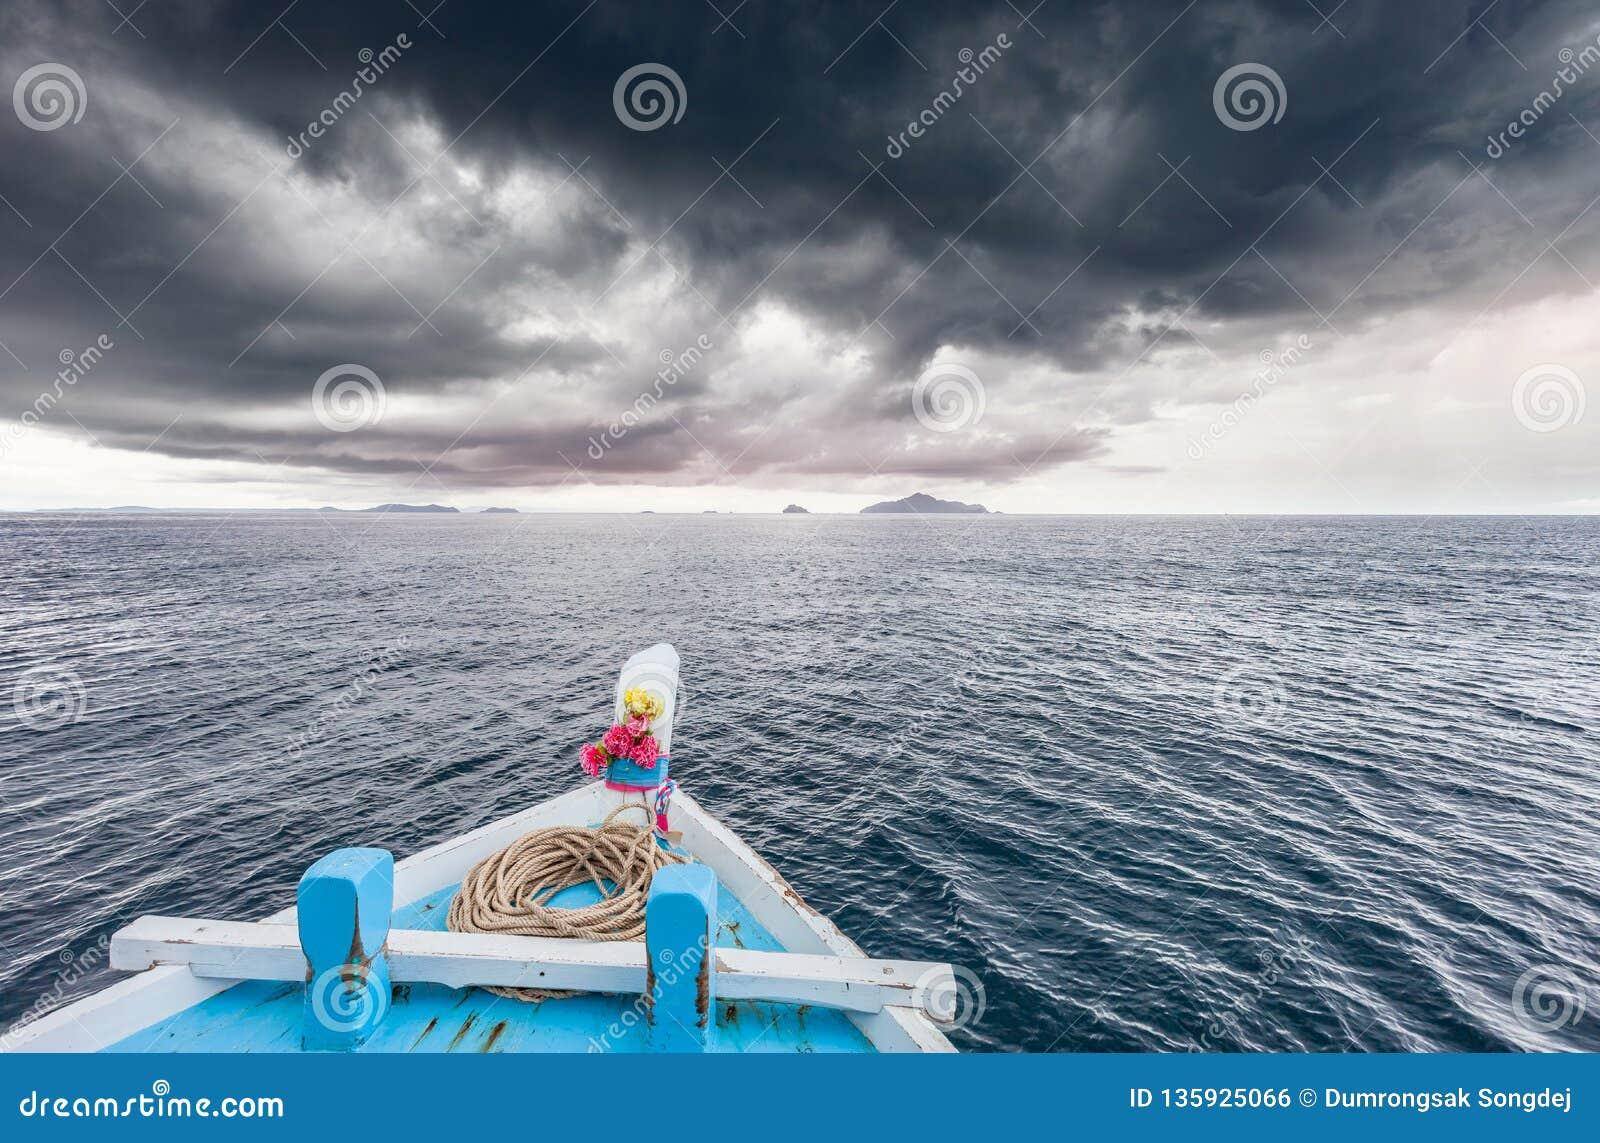 Att resa fartyget för att gå till ön, medan regna strom nära, kommer